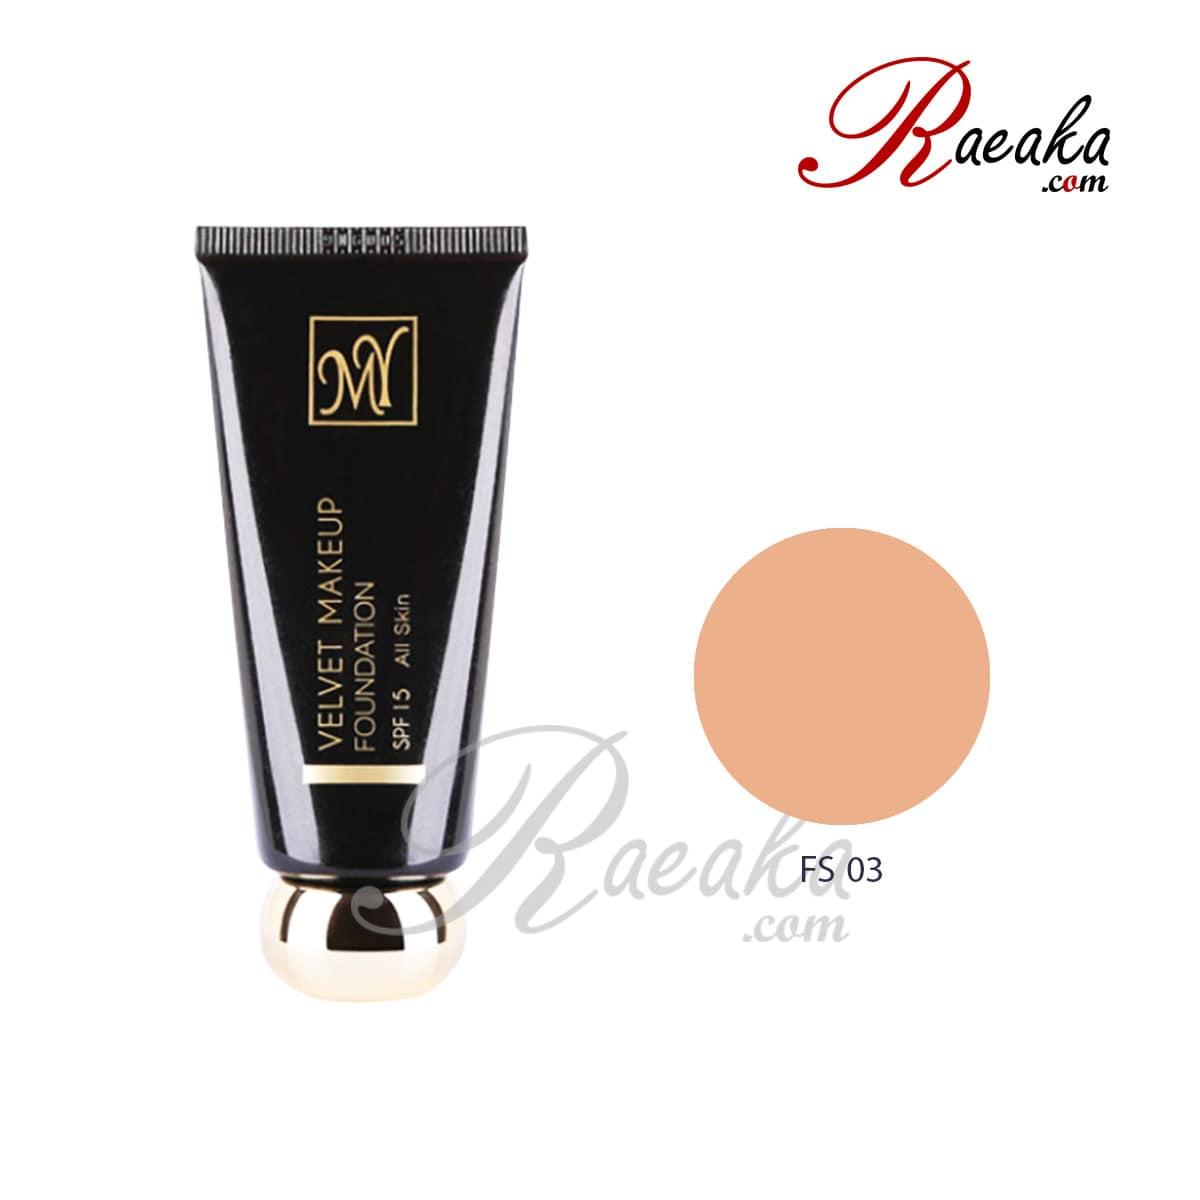 کرم پودر نیمه مات سری بلک دایموند مای کد FS03 مناسب پوست های معمولی تا خشک حجم ۳۵ میلی لیتر